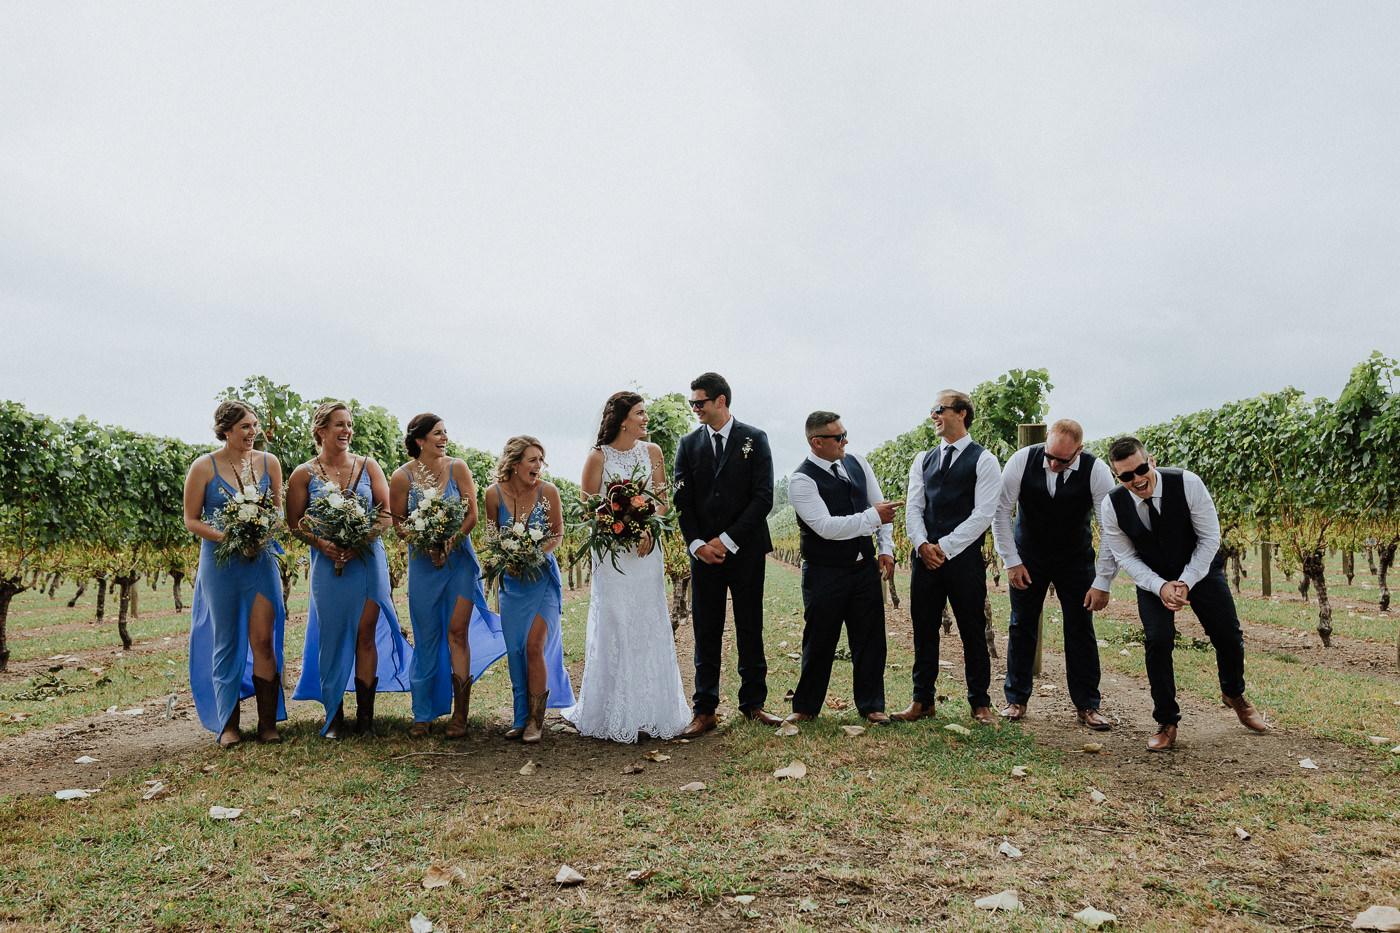 nz_wedding_photographer_gisborne-1040.jpg